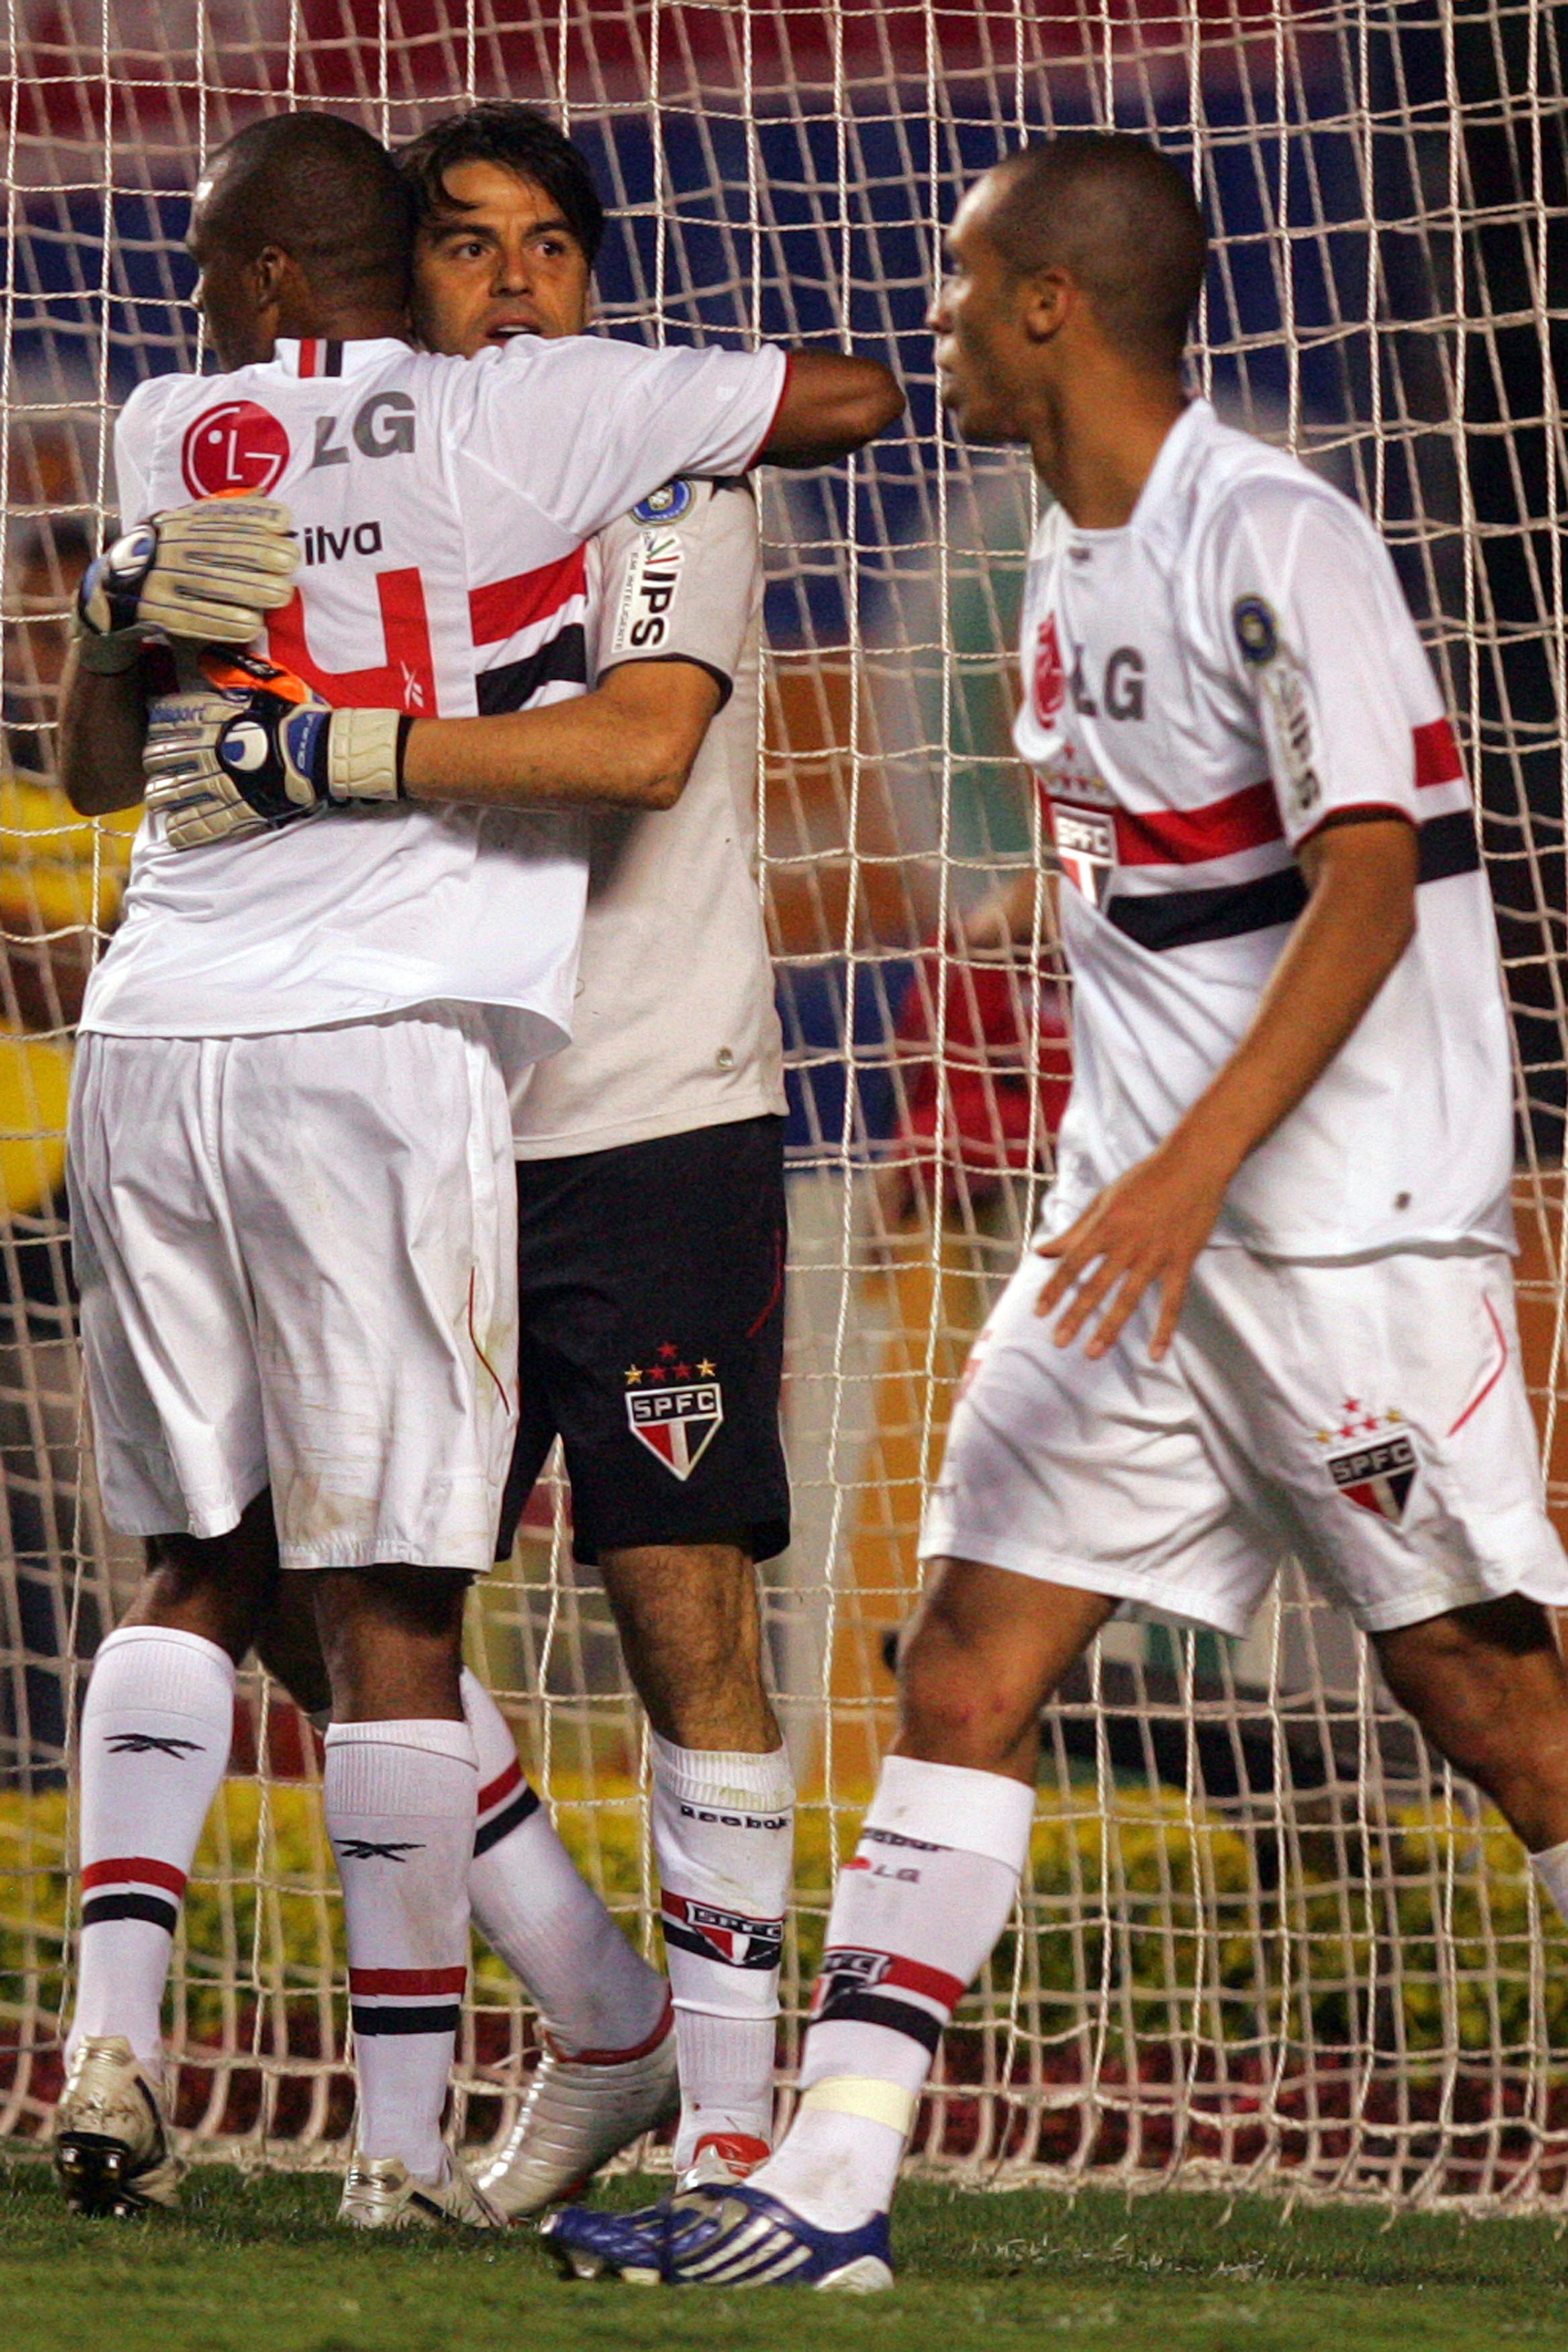 Os zagueiros tricolores têm mesmo que agradecer ao goleiro. FOTO Gaspar Nóbrega VIPCOMM